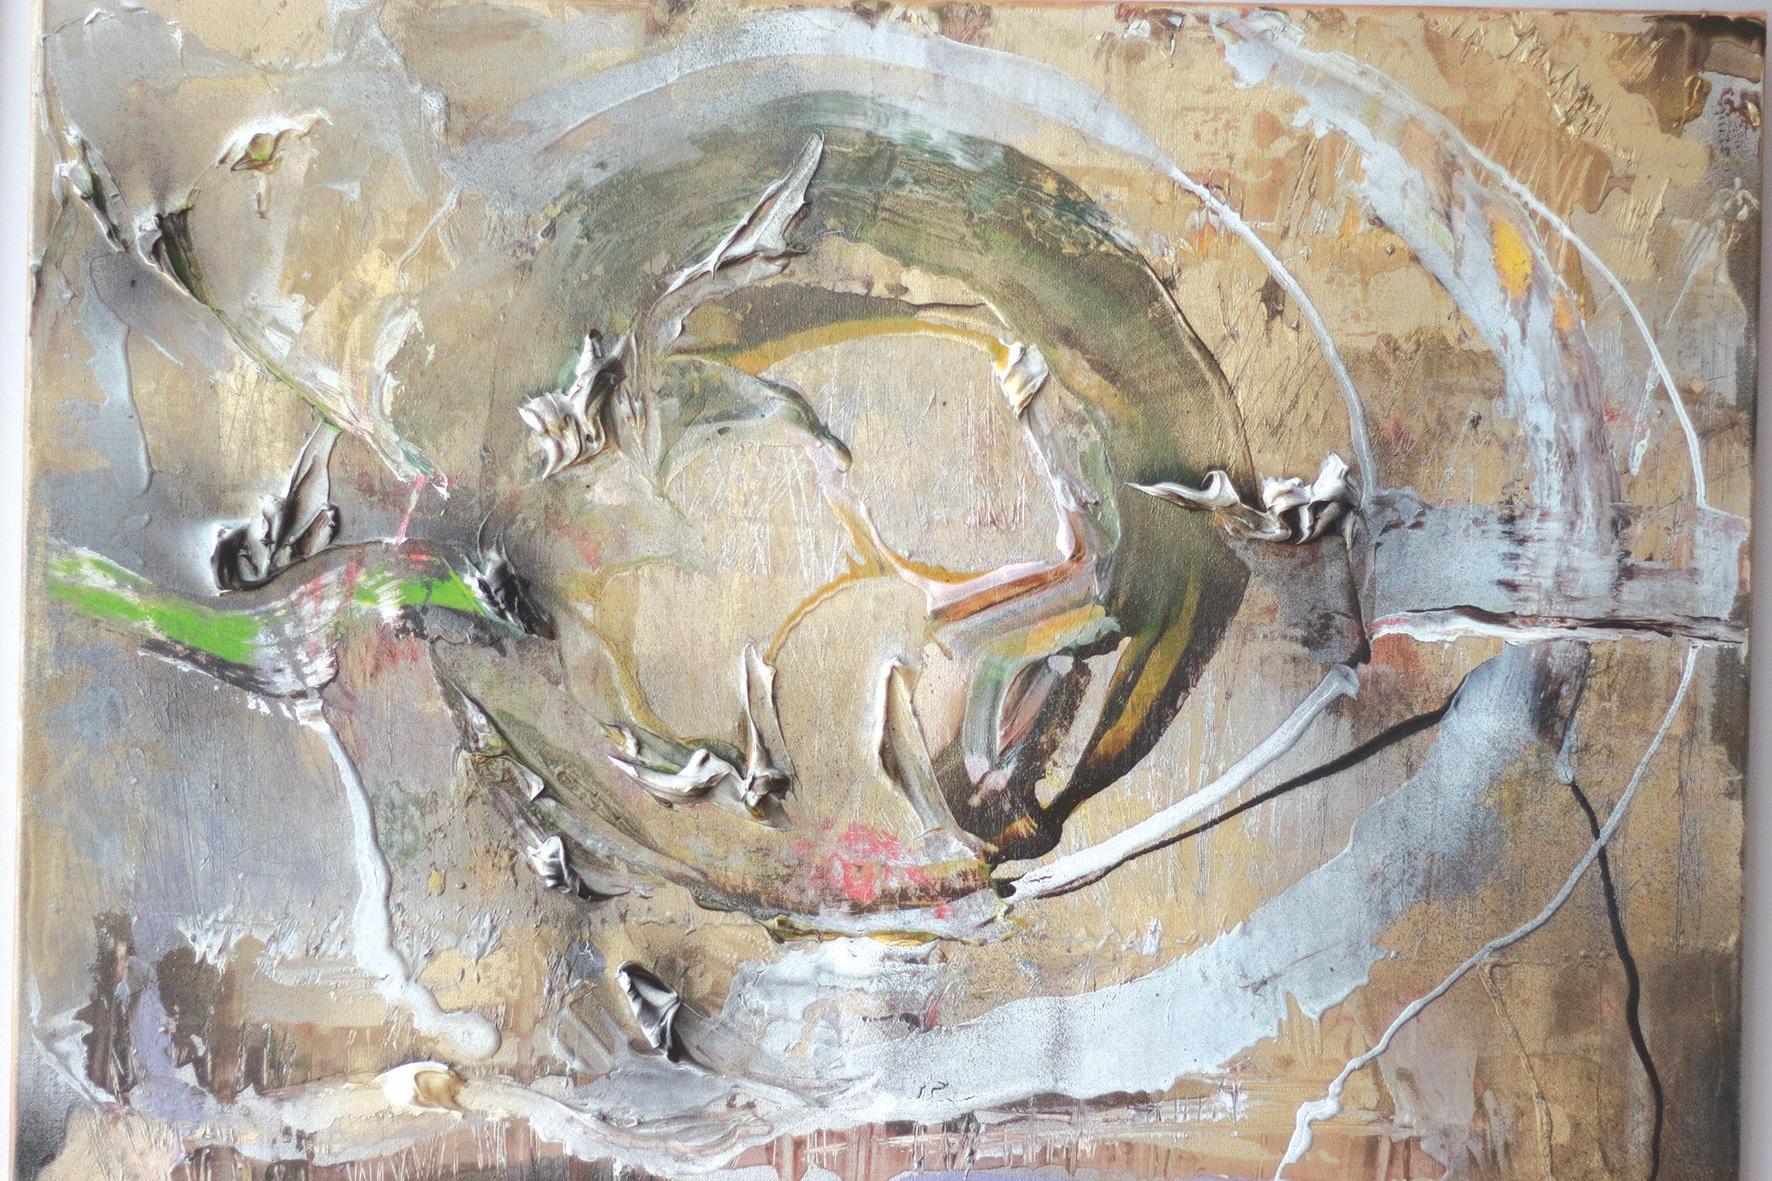 """Tapytojos kūrybinio dėmesio centre – abstrakcijos. """"Į kiekvieną kūrinį įdedu savo jausmų, vidinio pasaulio. Neįsivaizduoju, kaip galima nutapyti paveikslą ir neįdėti dalelės savęs... Man tai nesuprantama"""", – sako Natalja Donskaja./Aldo Surkevičiaus nuotr."""